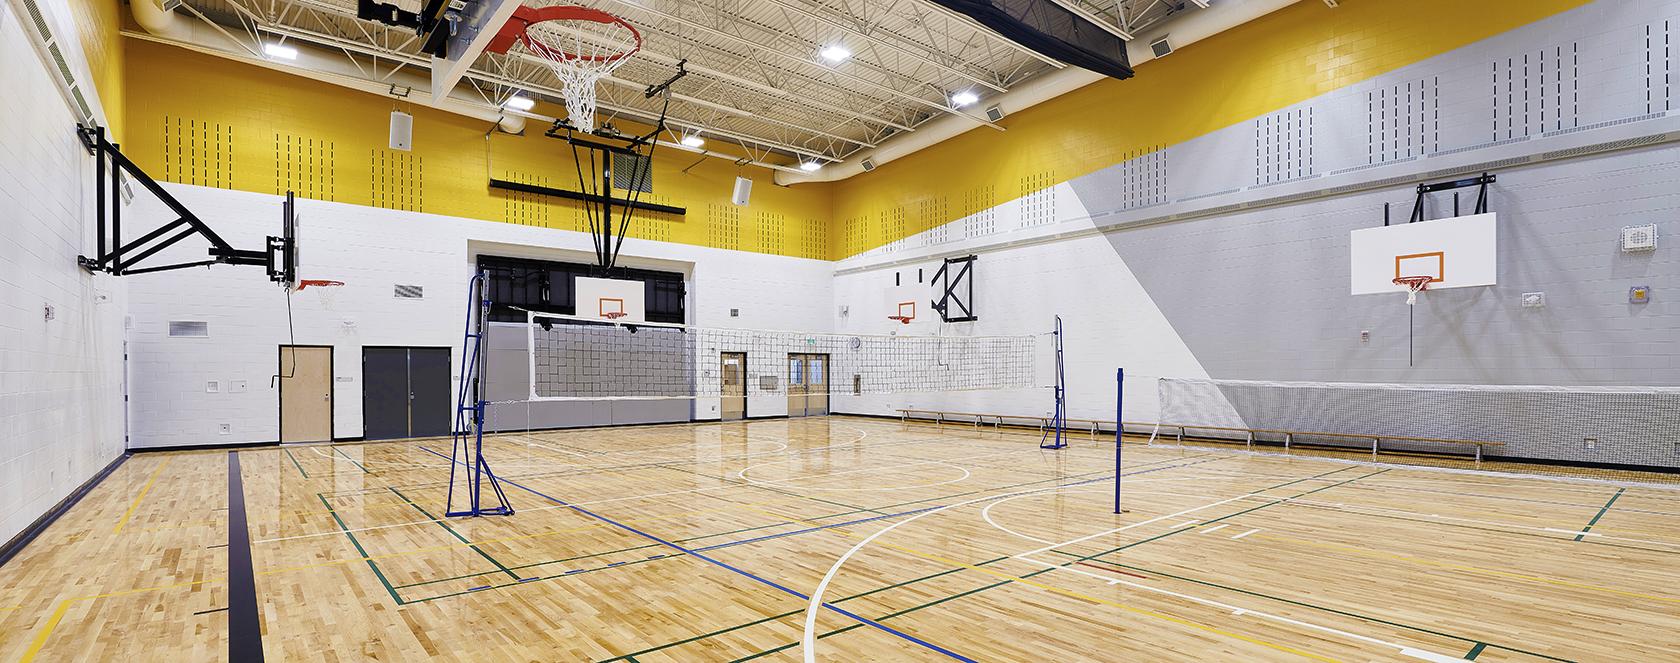 gymnasium court